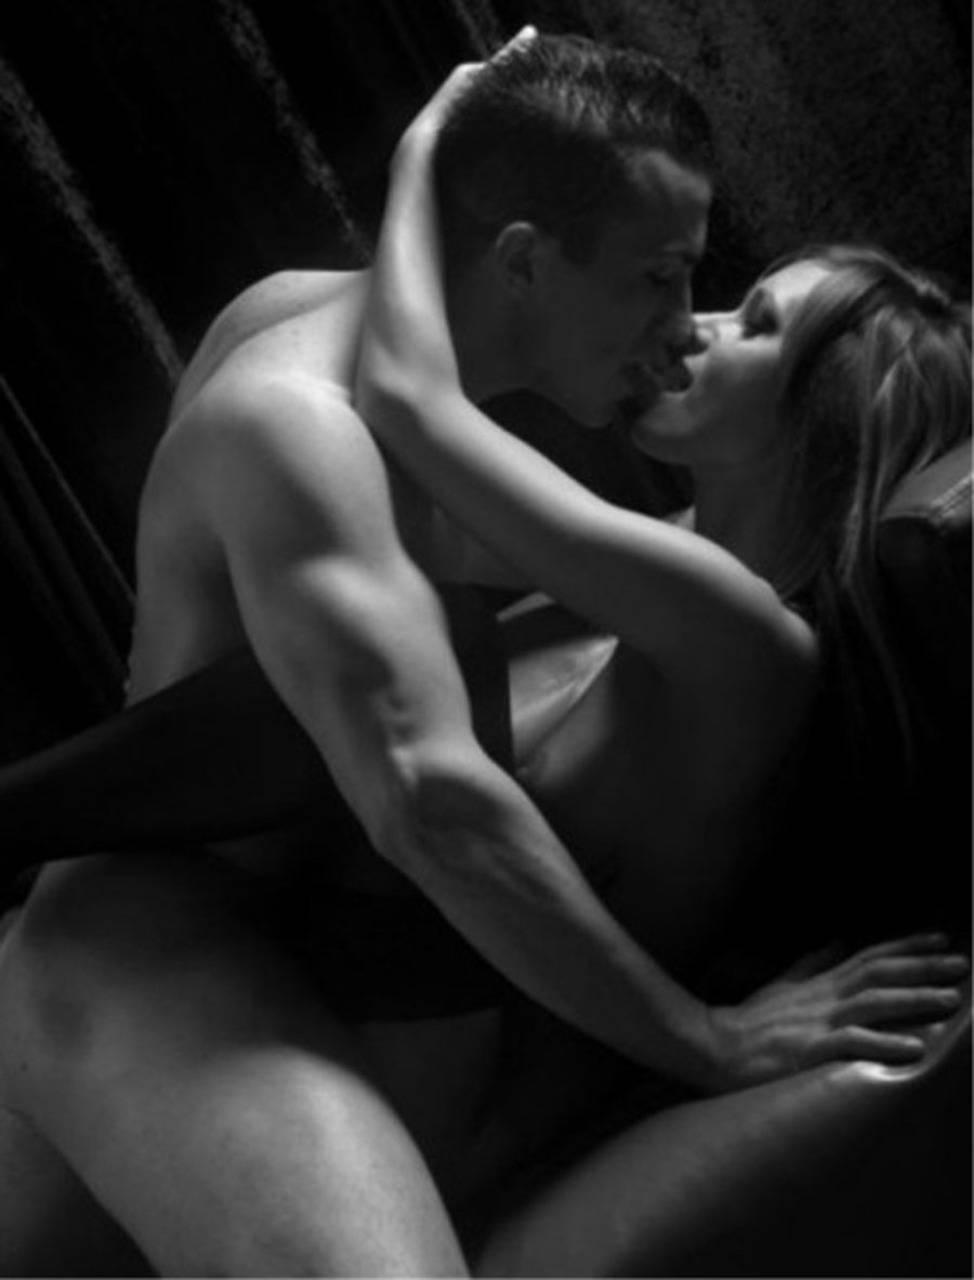 черно белая эротика секс страсть постель картинки